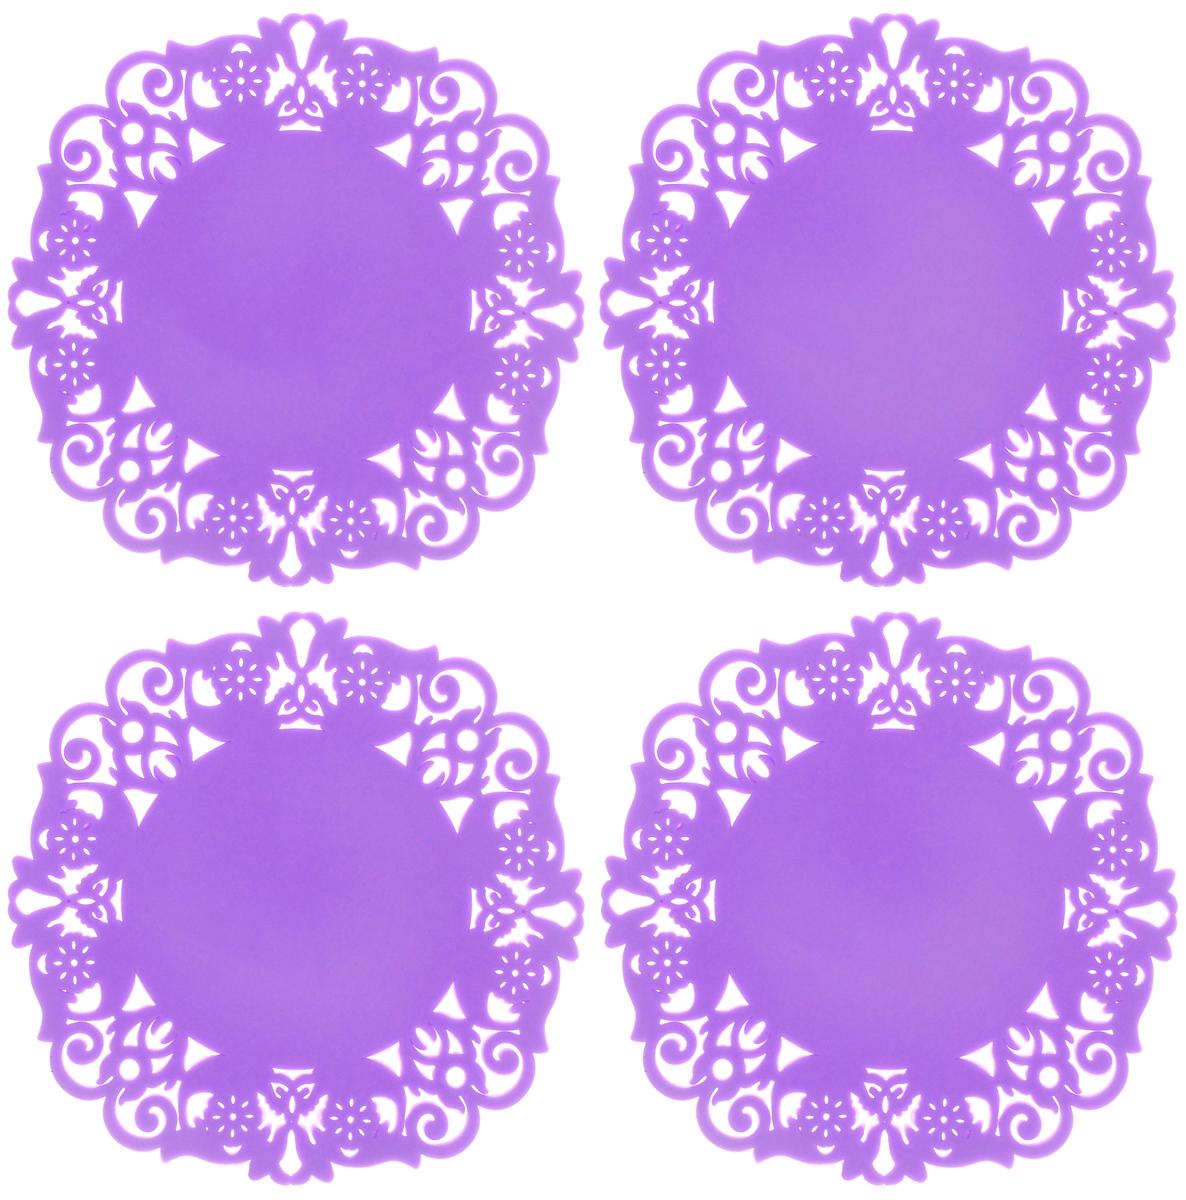 Набор подставок под горячее Доляна Чаепитие, цвет: сиреневый, 10 см, 4 шт812066Набор Доляна Чаепитие состоит из 4 силиконовых подставок под горячее. Силиконовая подставка под горячее - практичный предмет, который обязательно пригодится в хозяйстве. Изделие поможет сберечь столы, тумбы, скатерти и клеёнки от повреждения нагретыми кружками с горячим напитком, чайниками и тарелками.